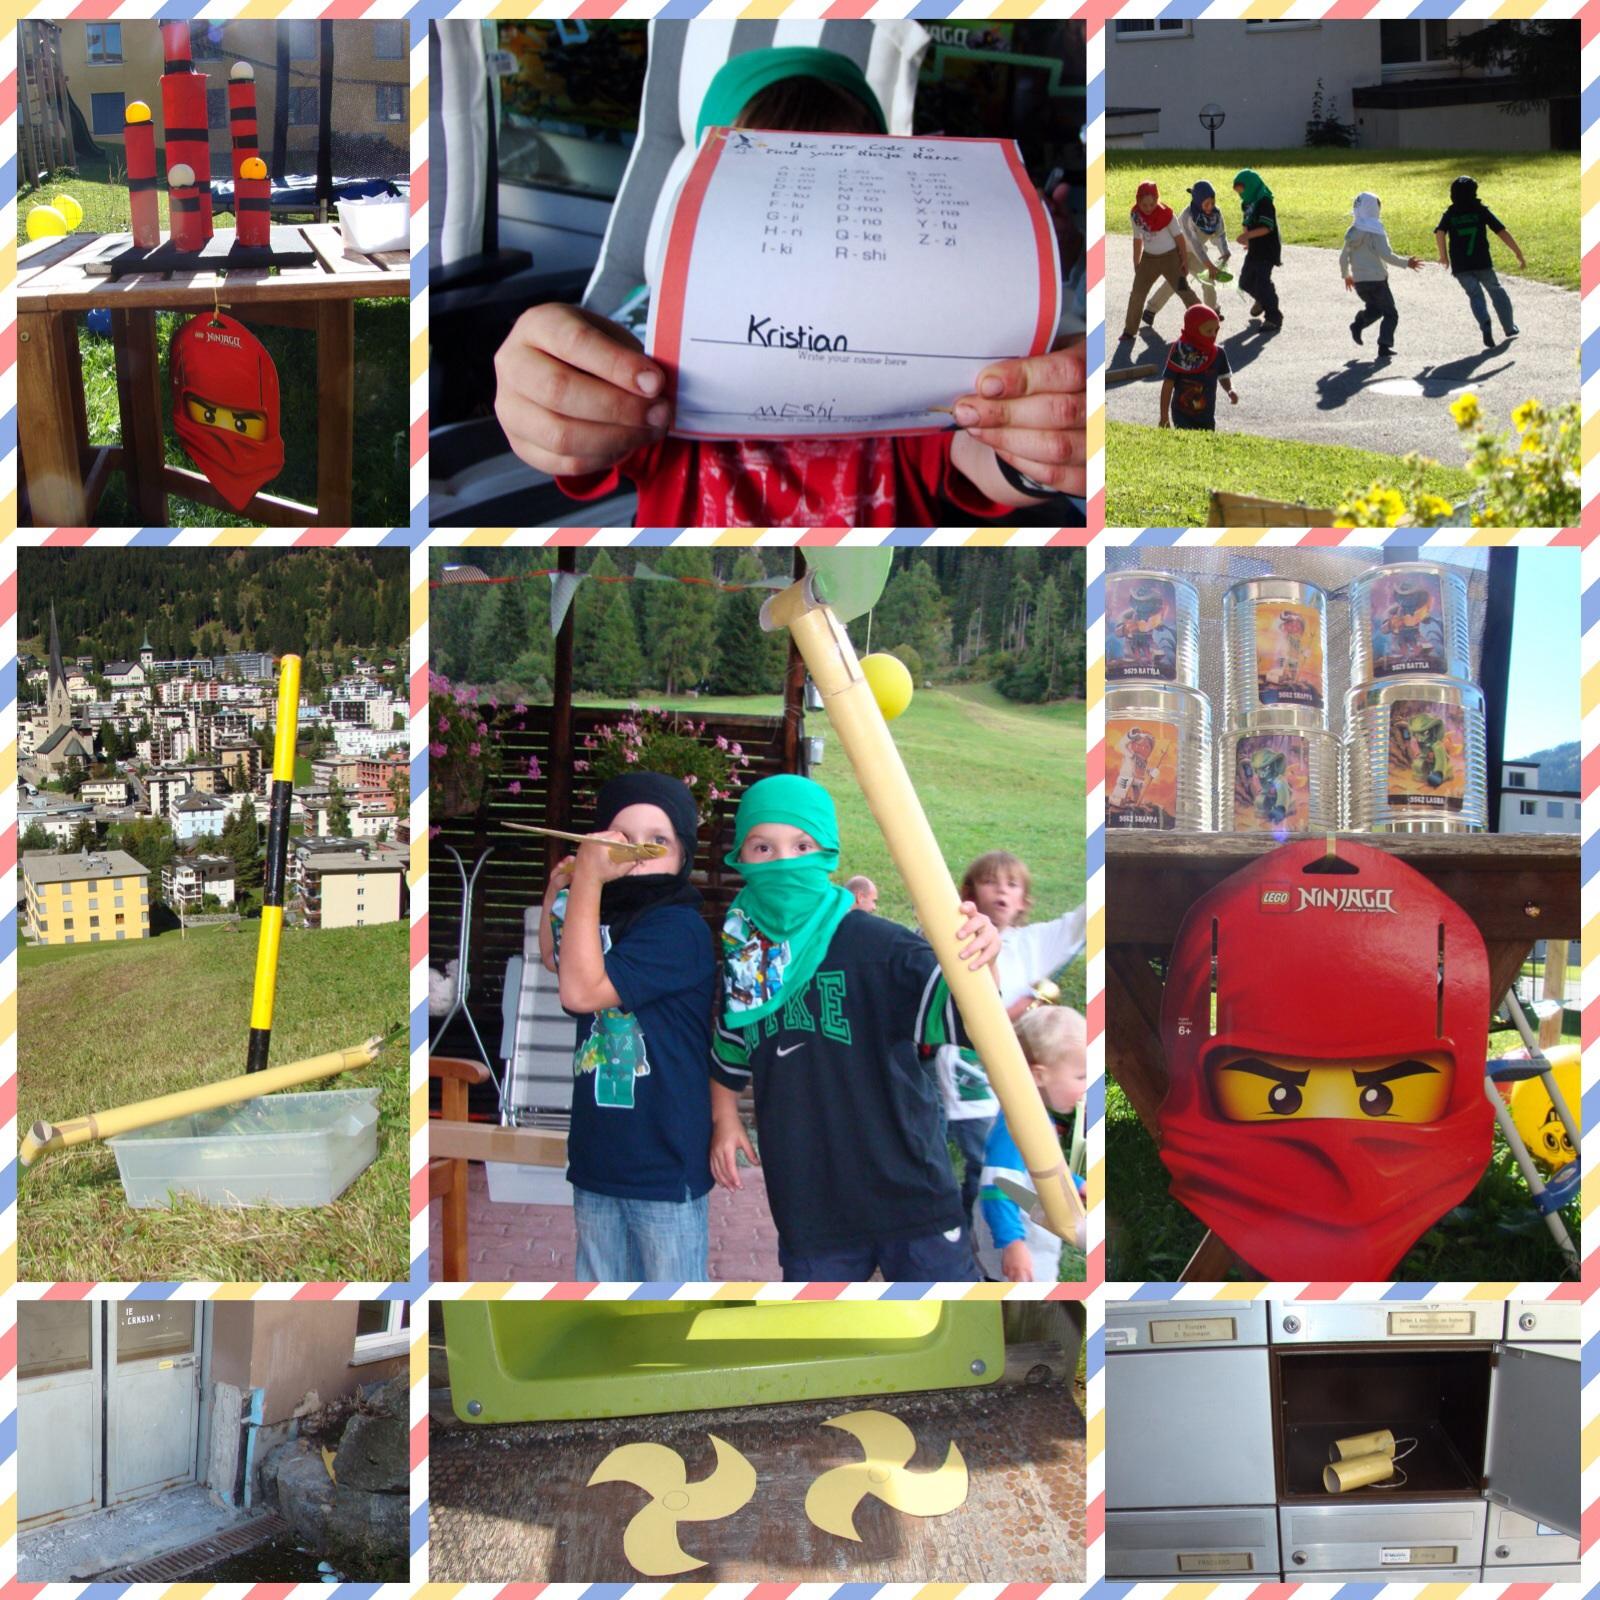 Lego Ninjago Party 4boys On The Mountain